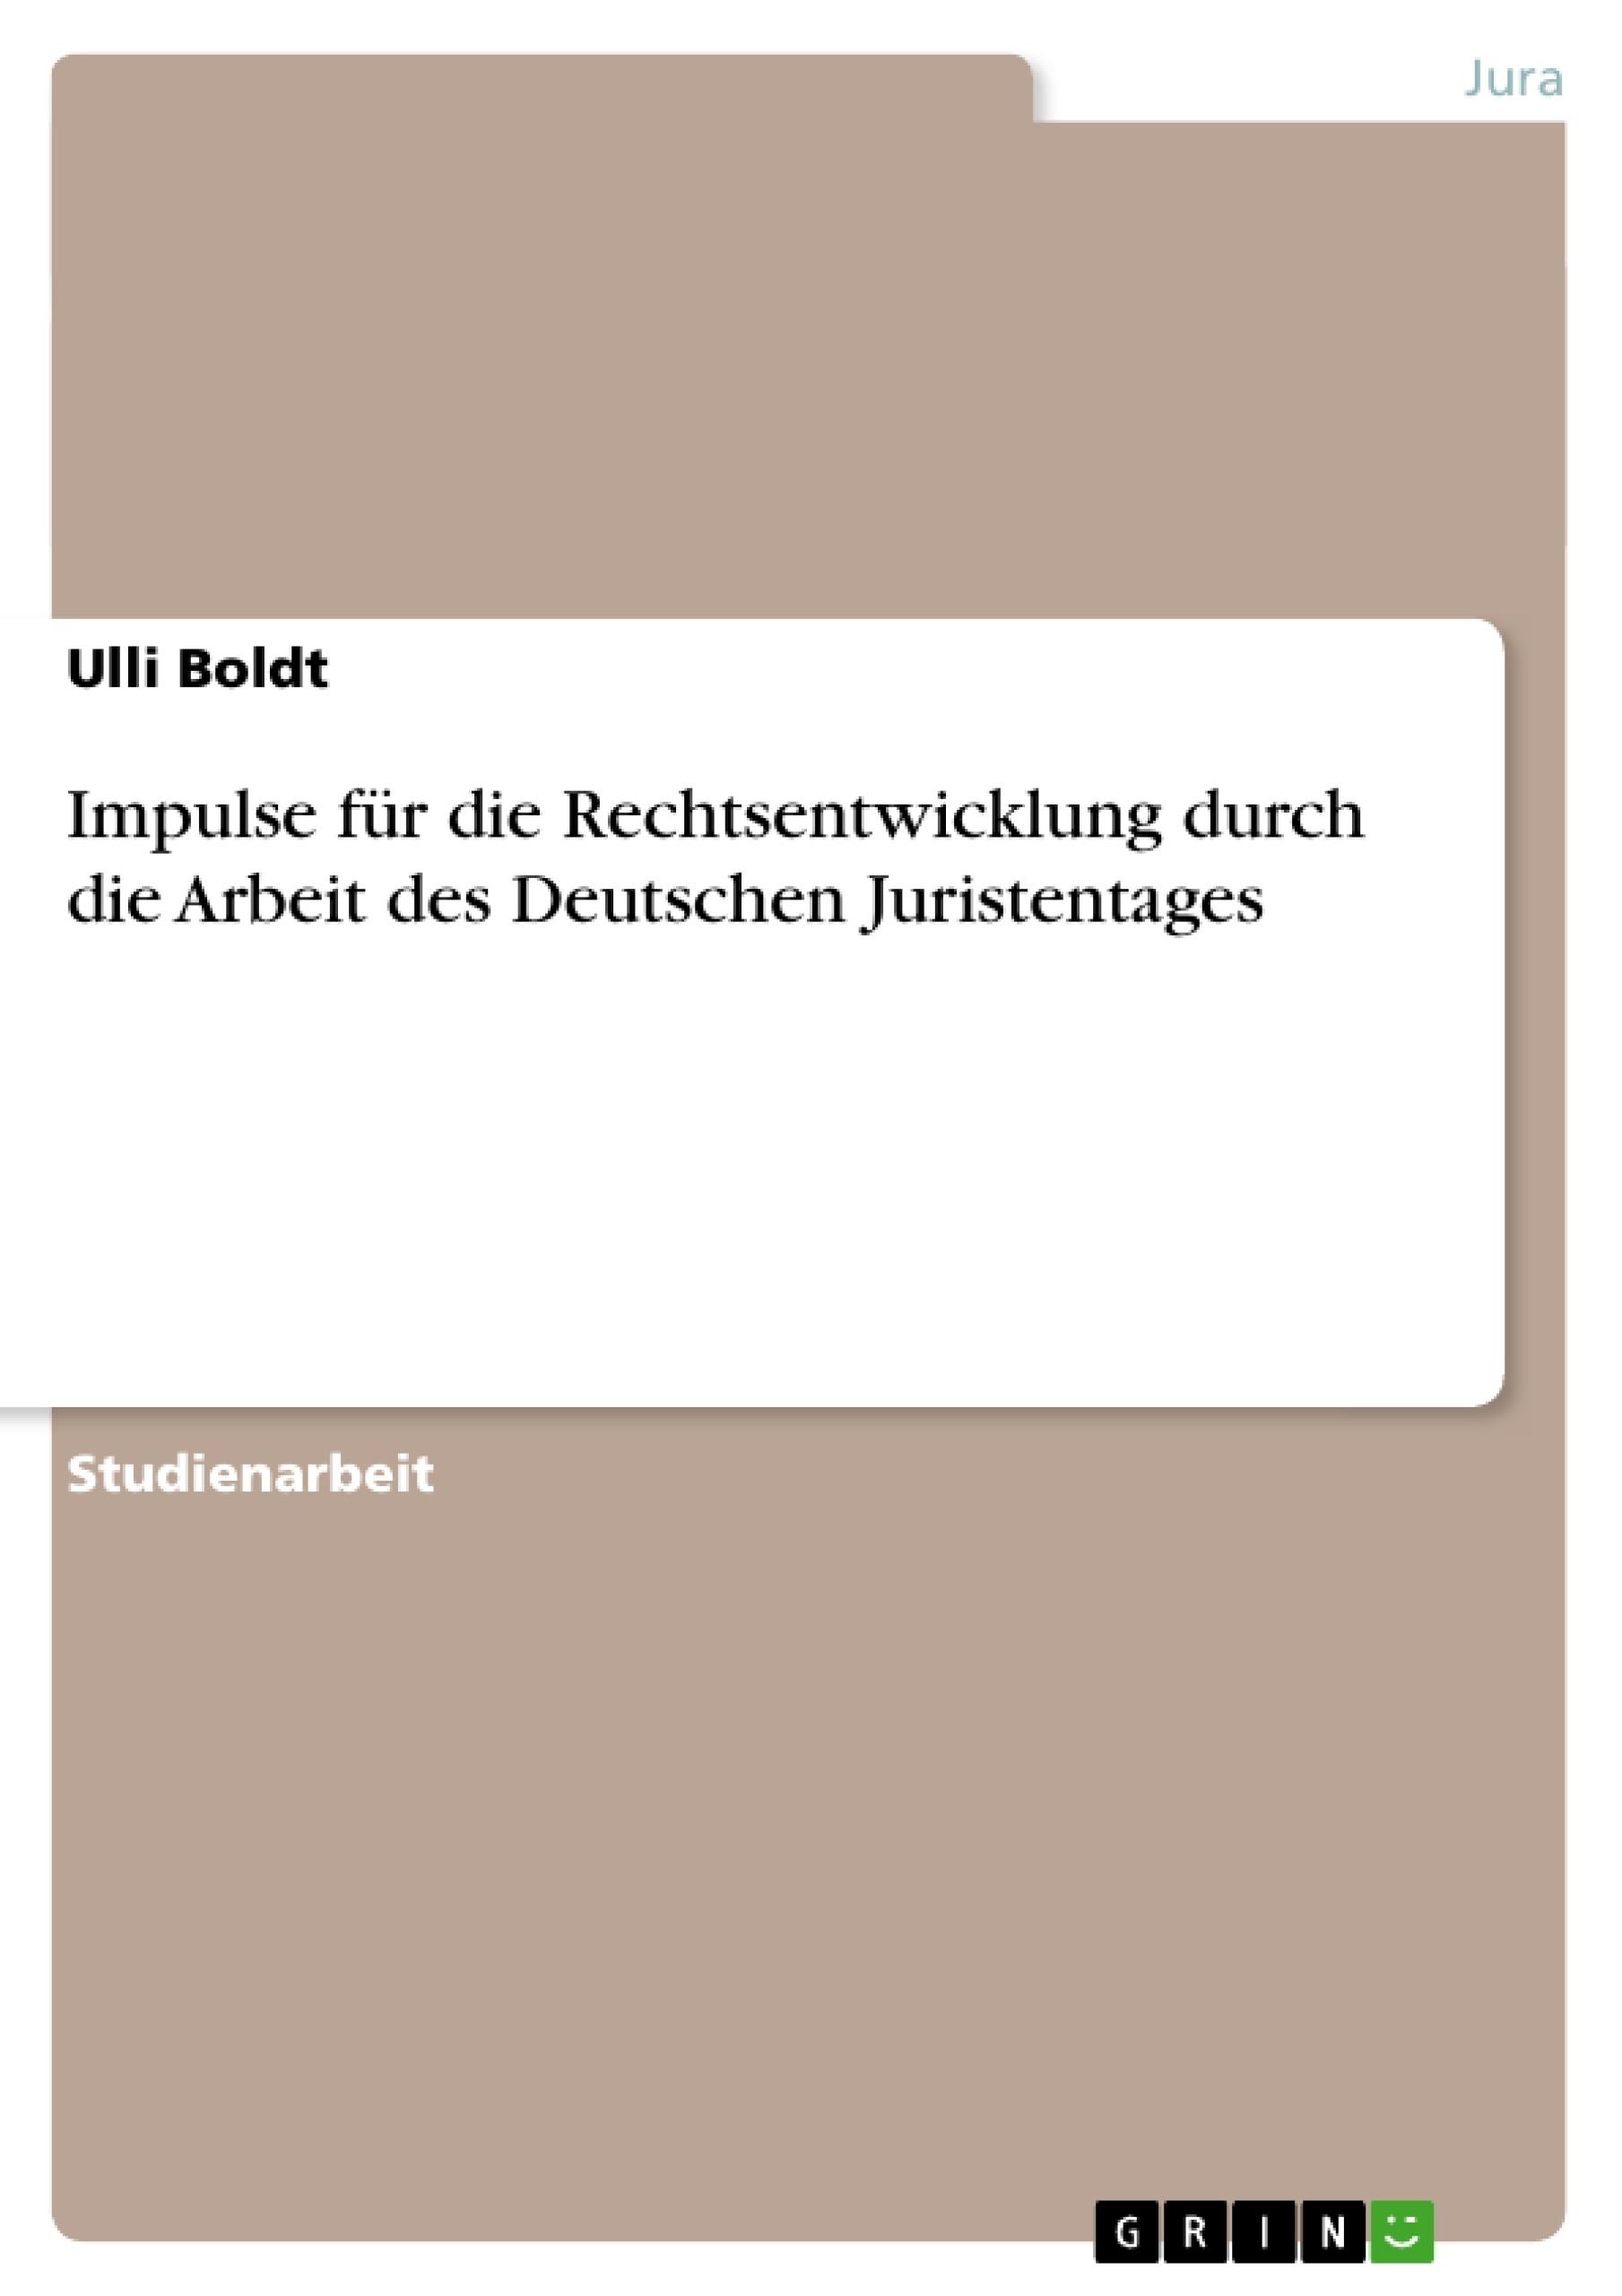 Titel: Impulse für die Rechtsentwicklung durch die Arbeit des Deutschen Juristentages